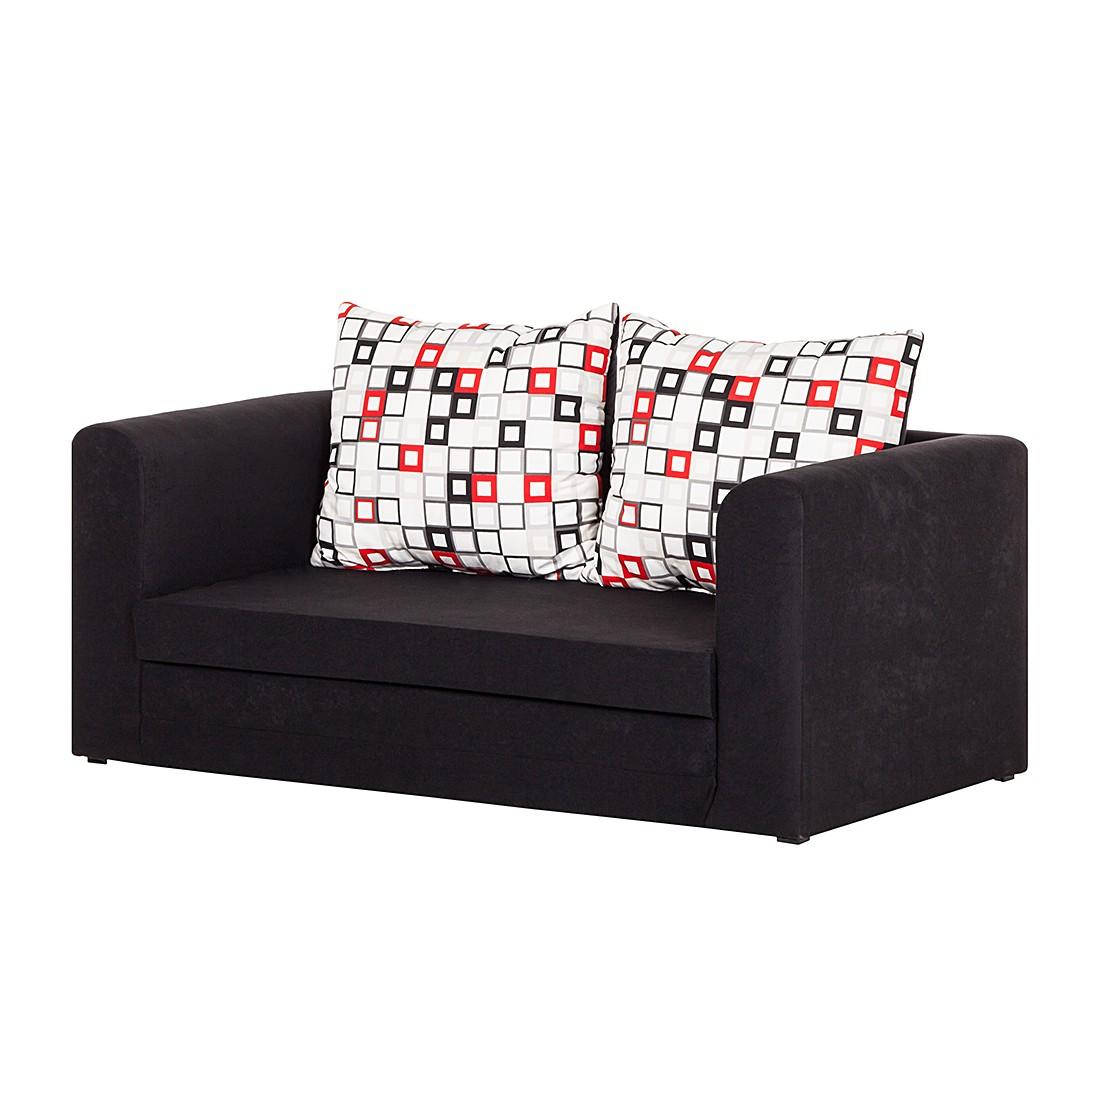 schlafsofa 120 cm breit unter 250 preisvergleiche erfahrungsberichte. Black Bedroom Furniture Sets. Home Design Ideas